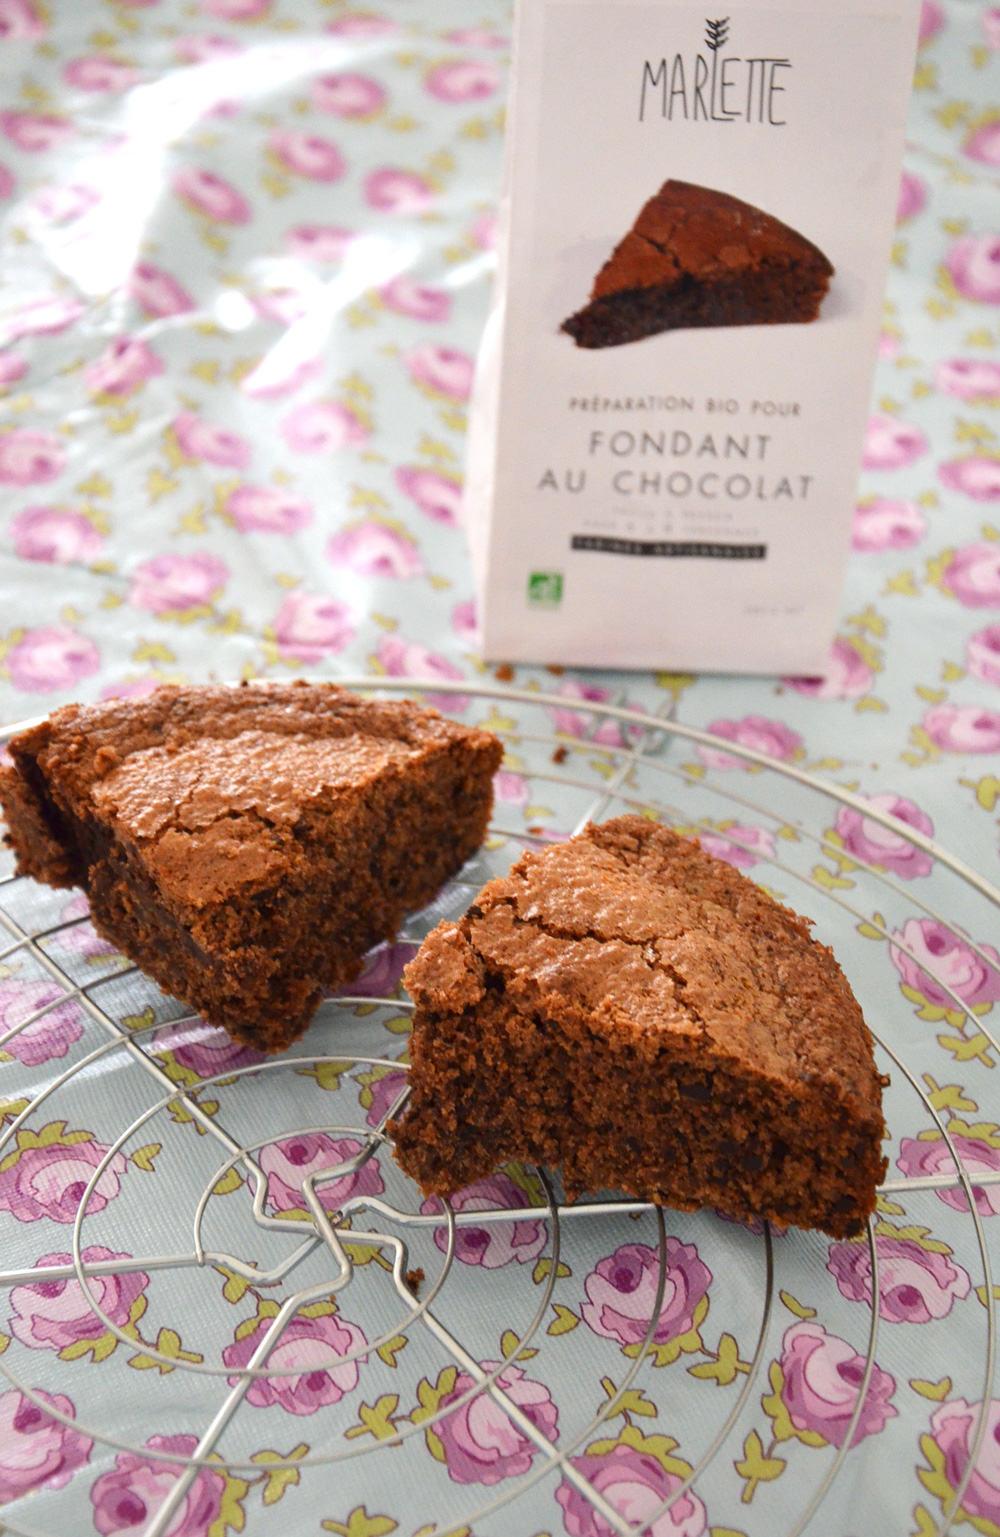 Marlette : préparation bio fondant au chocolat